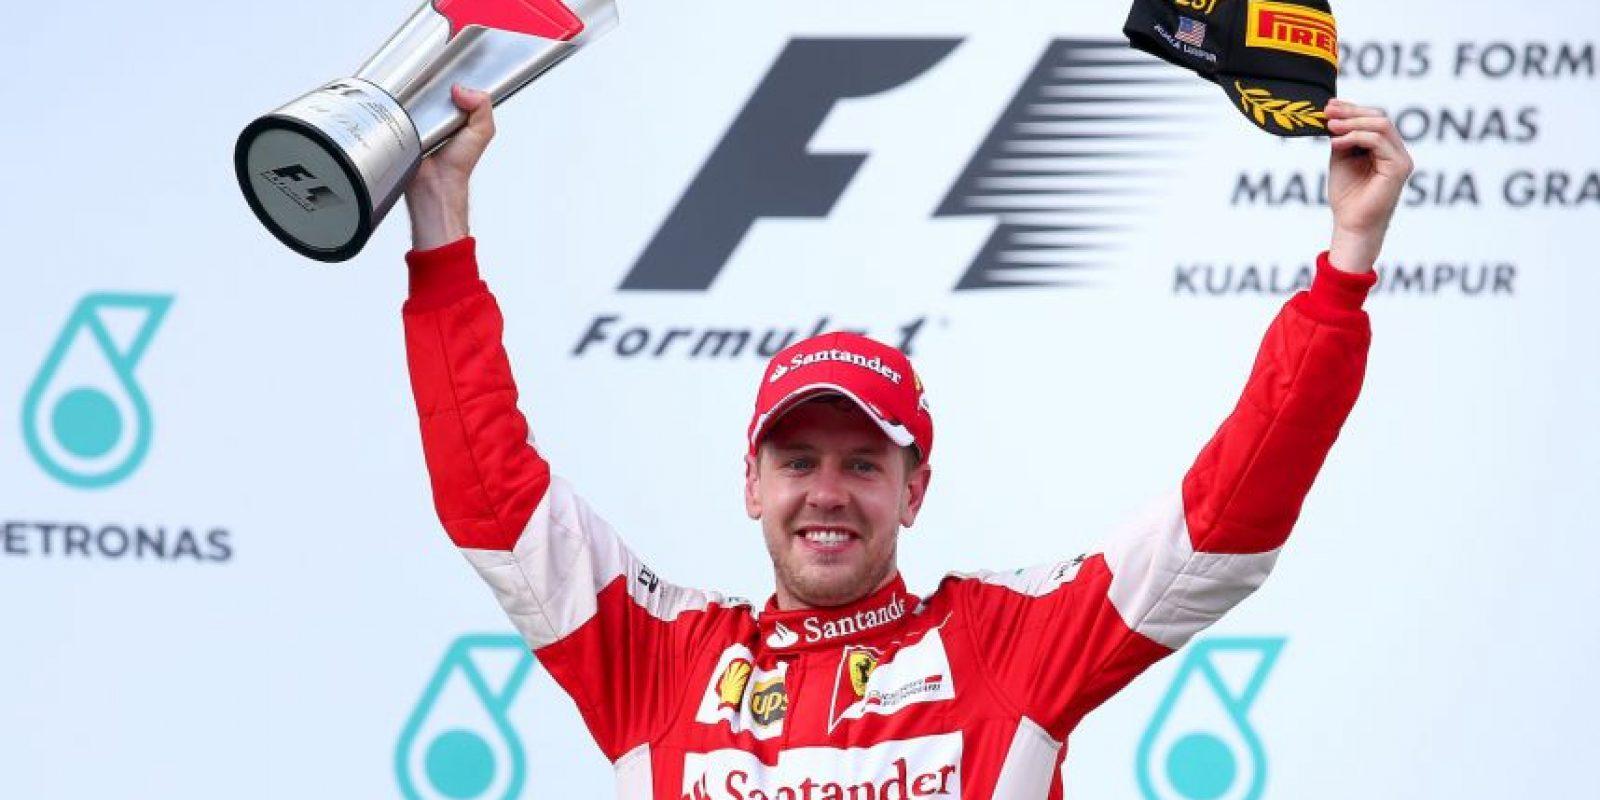 El piloto alemán firmó este 2015 con Ferrari y recibe 79.94 millones de dólares al año. Conoce a los otros deportistas con los mejores contratos por año. Foto:Getty Images